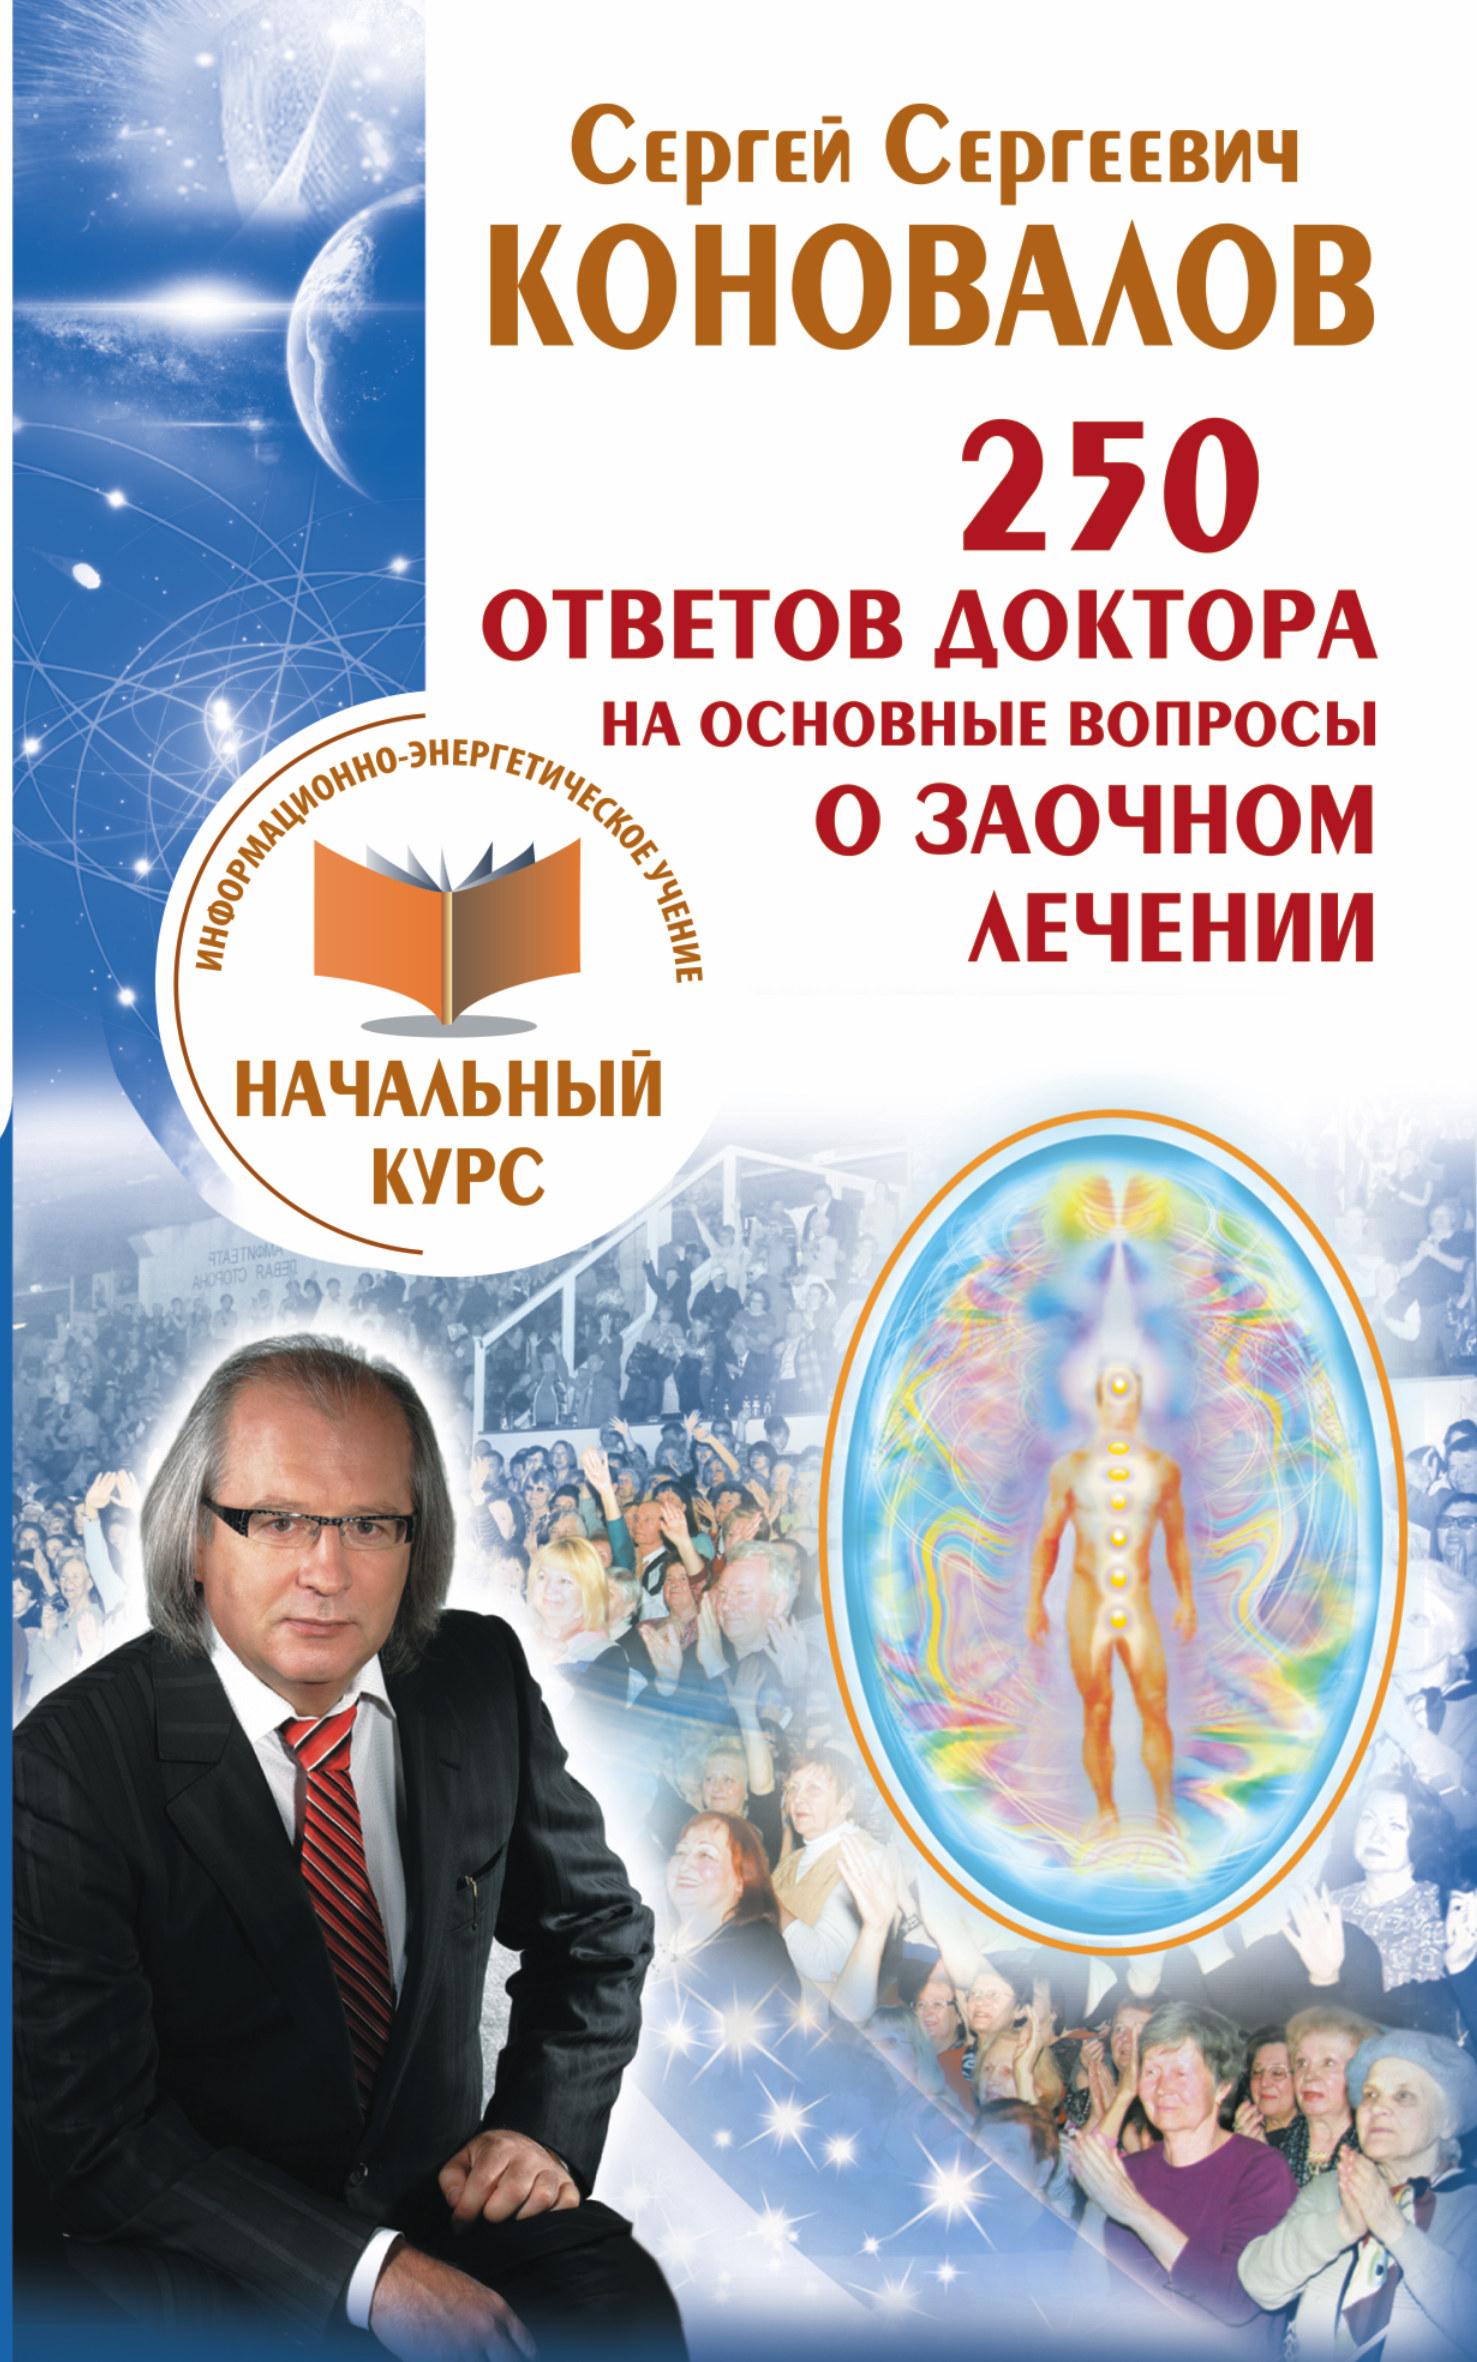 Коновалов С.С. 250 ответов Доктора на основные вопросы о заочном лечении. Информационно-энергетическое Учение. Начальный курс